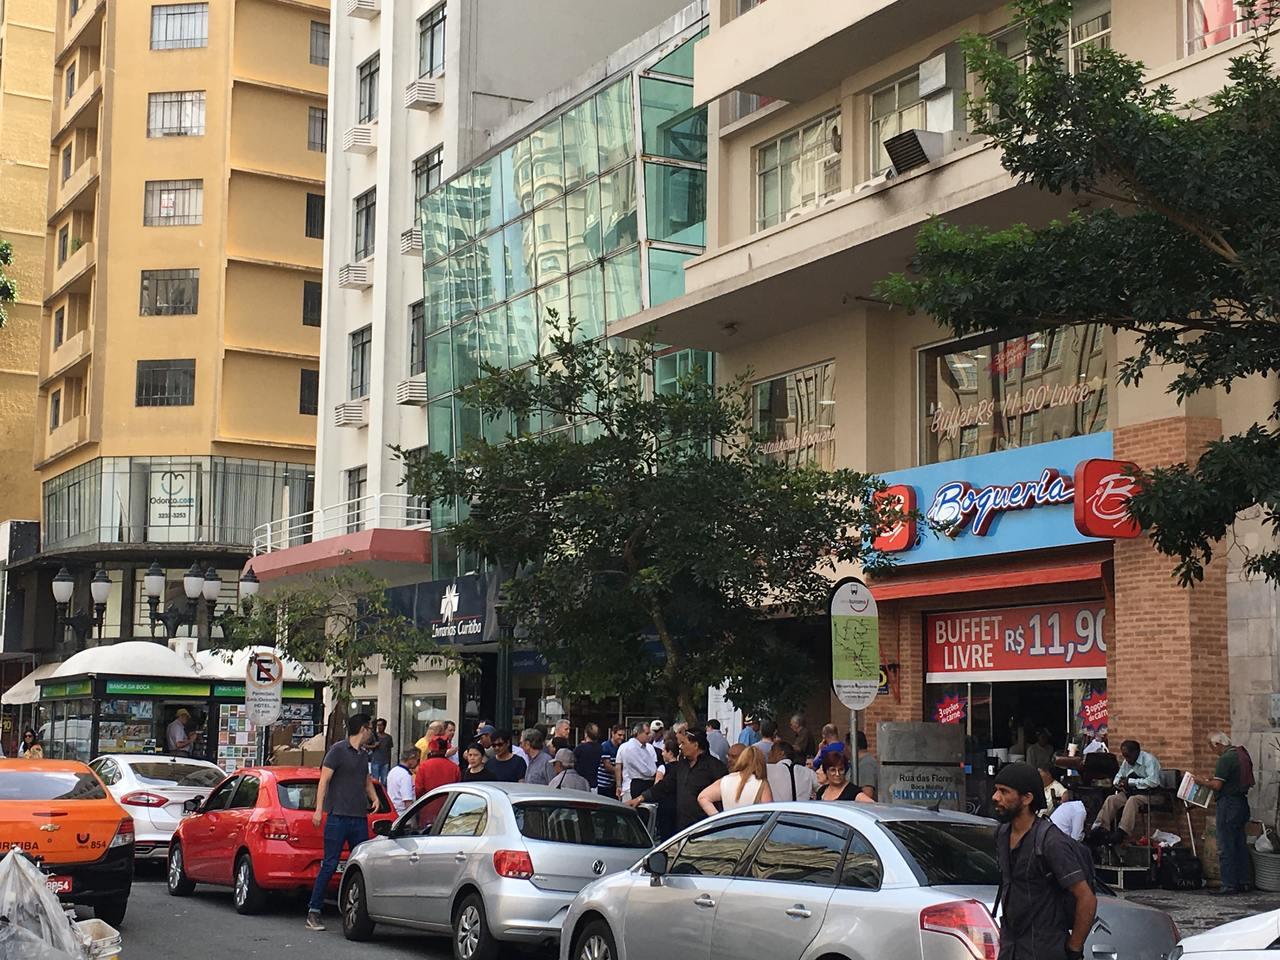 carros estacionados na rua em curitiba